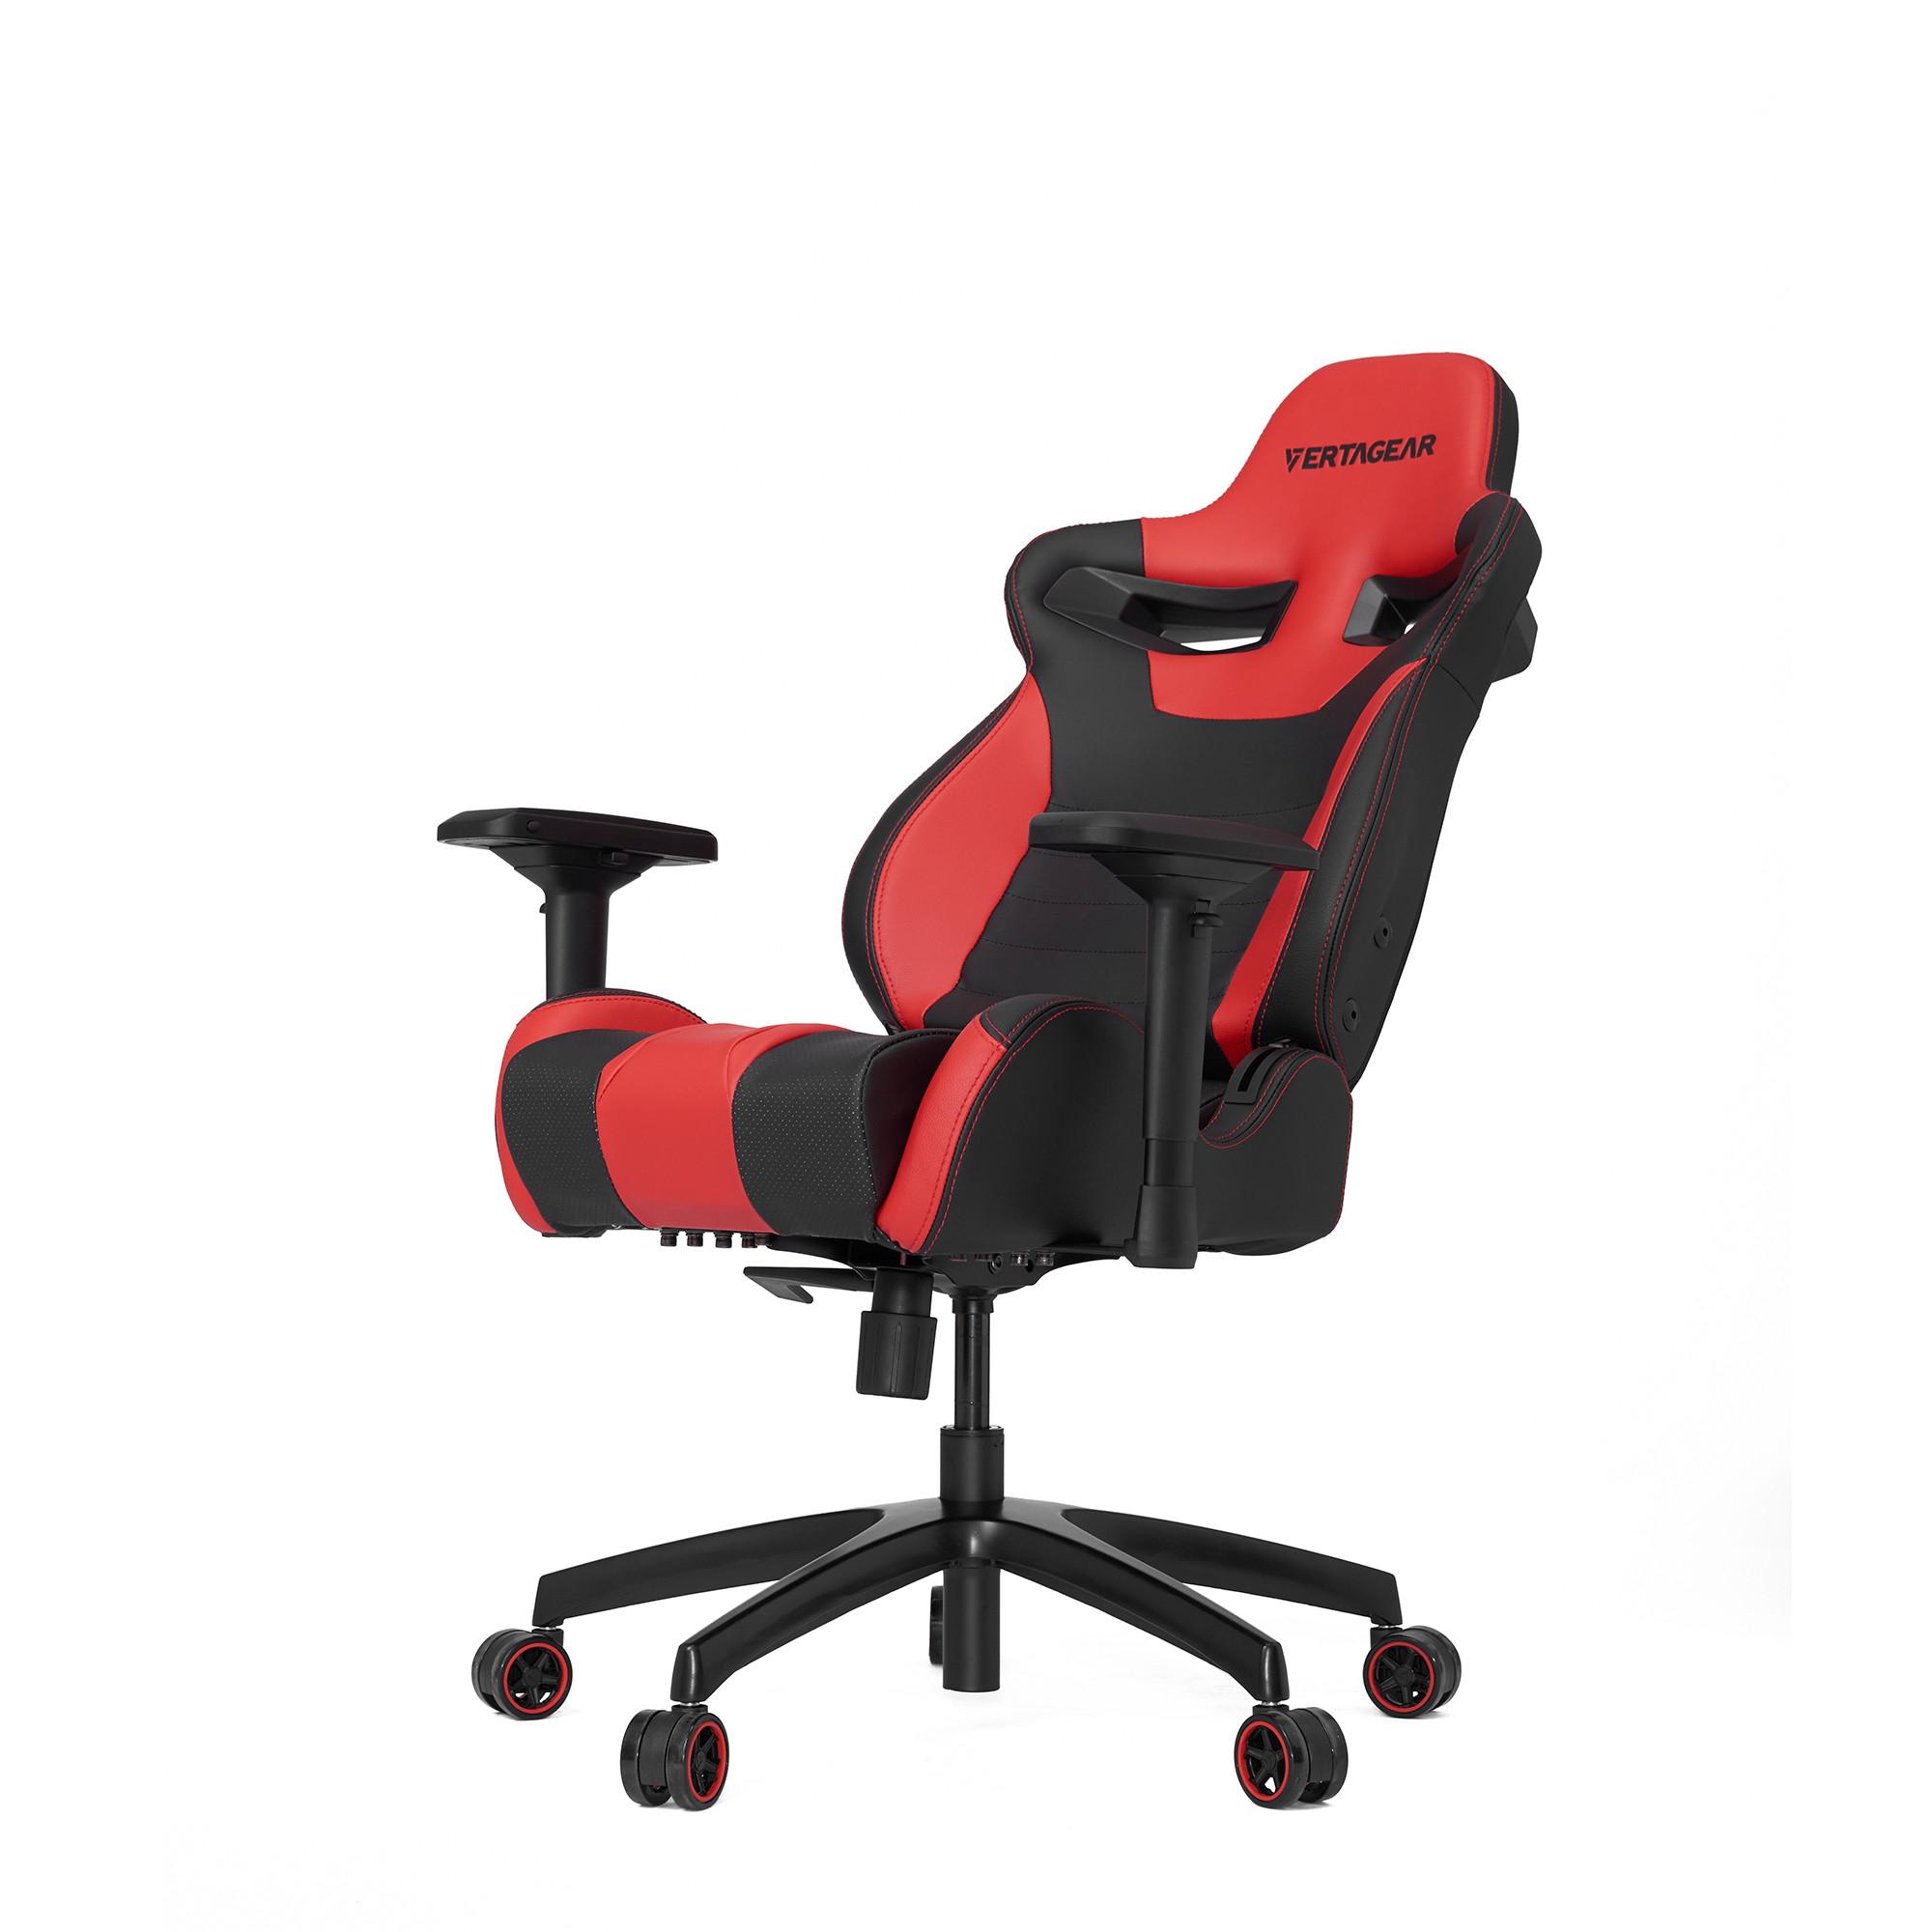 Профессиональное киберспортивное кресло Vertagear SL4000 черный/красныйНабивка в SL-4000 сделанная из высокоплотной эластичной пены, которая добавляет отличную поддержку и удобство в положении сидя.&#13;<br>&#13;<br>Элегантное исполнение модели SL-4000 сделано из высококачественной PVC кожи, которая делает покрытие невероятно прочным и дает креслу роскошный вид. Этот материал легко чистить и поддерживать в хорошем состоянии, благодаря цветной прошивке и водозащитным характеристикам.<br>